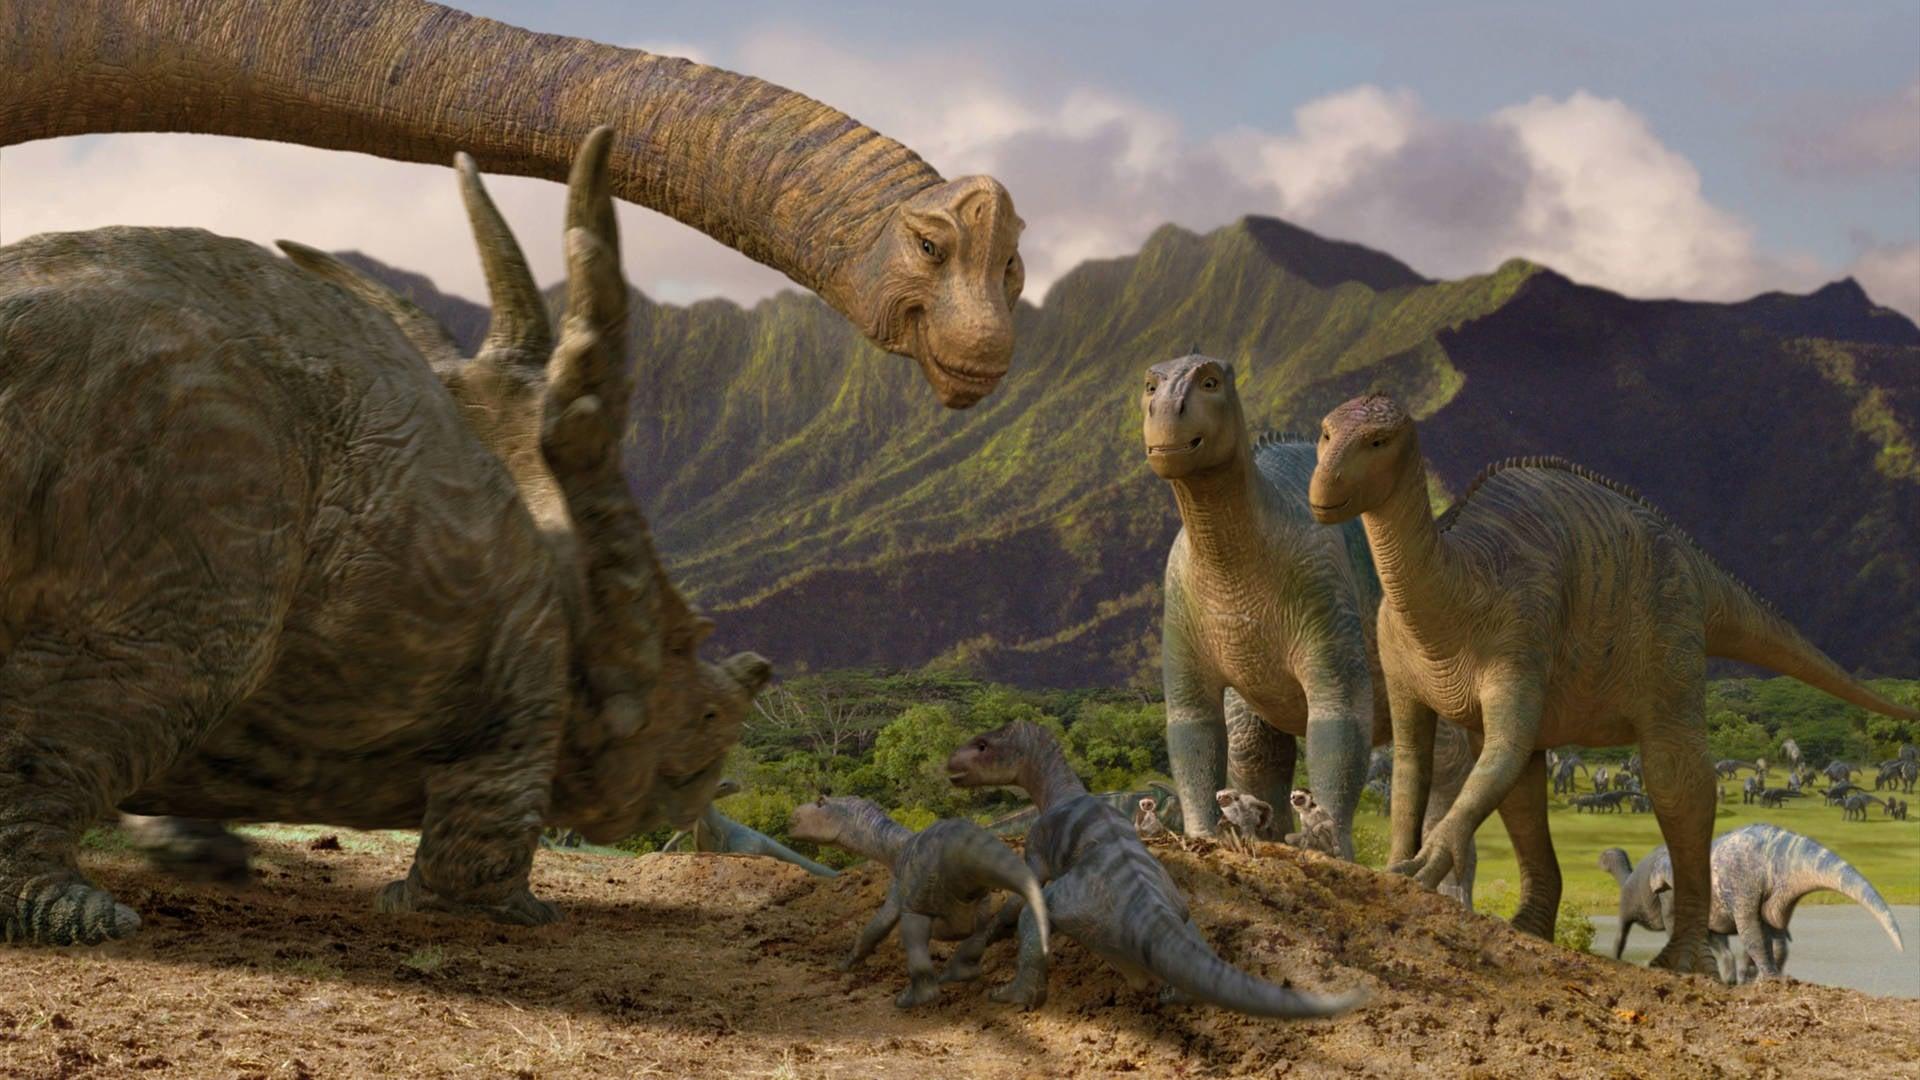 Dinosaur 2000 123 movies online - Film de dinosaure jurassic park ...